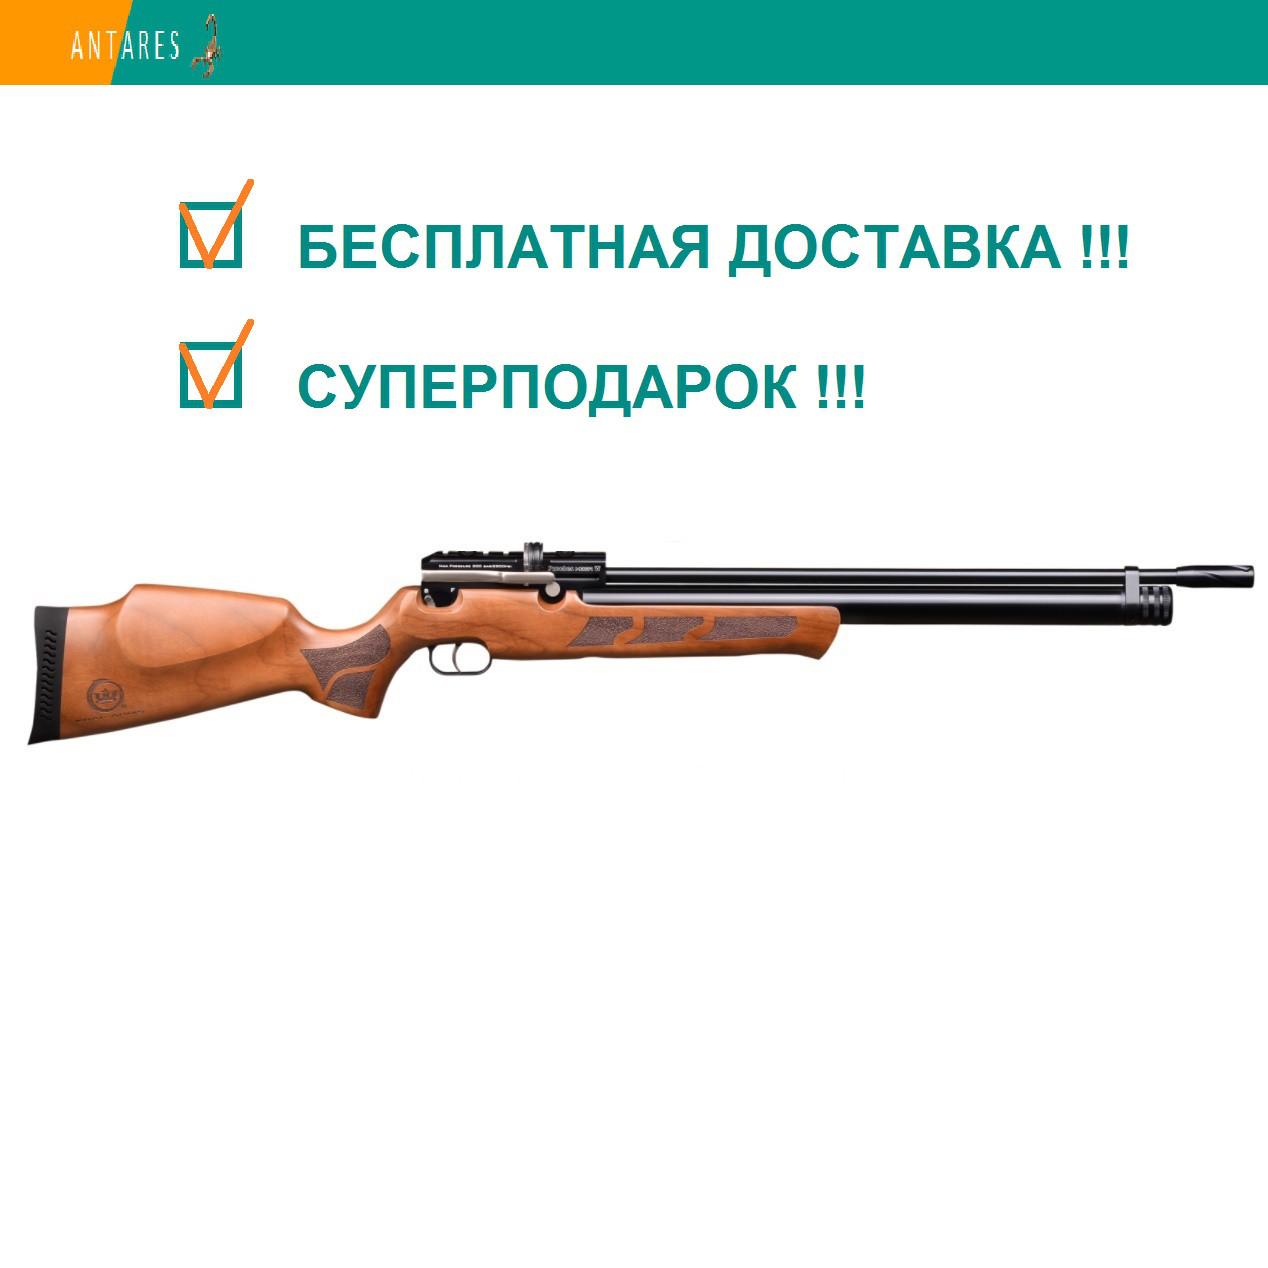 Пневматическая винтовка Kral Puncher Mega Wood (PMW) предварительная накачка дерево 380 м/с